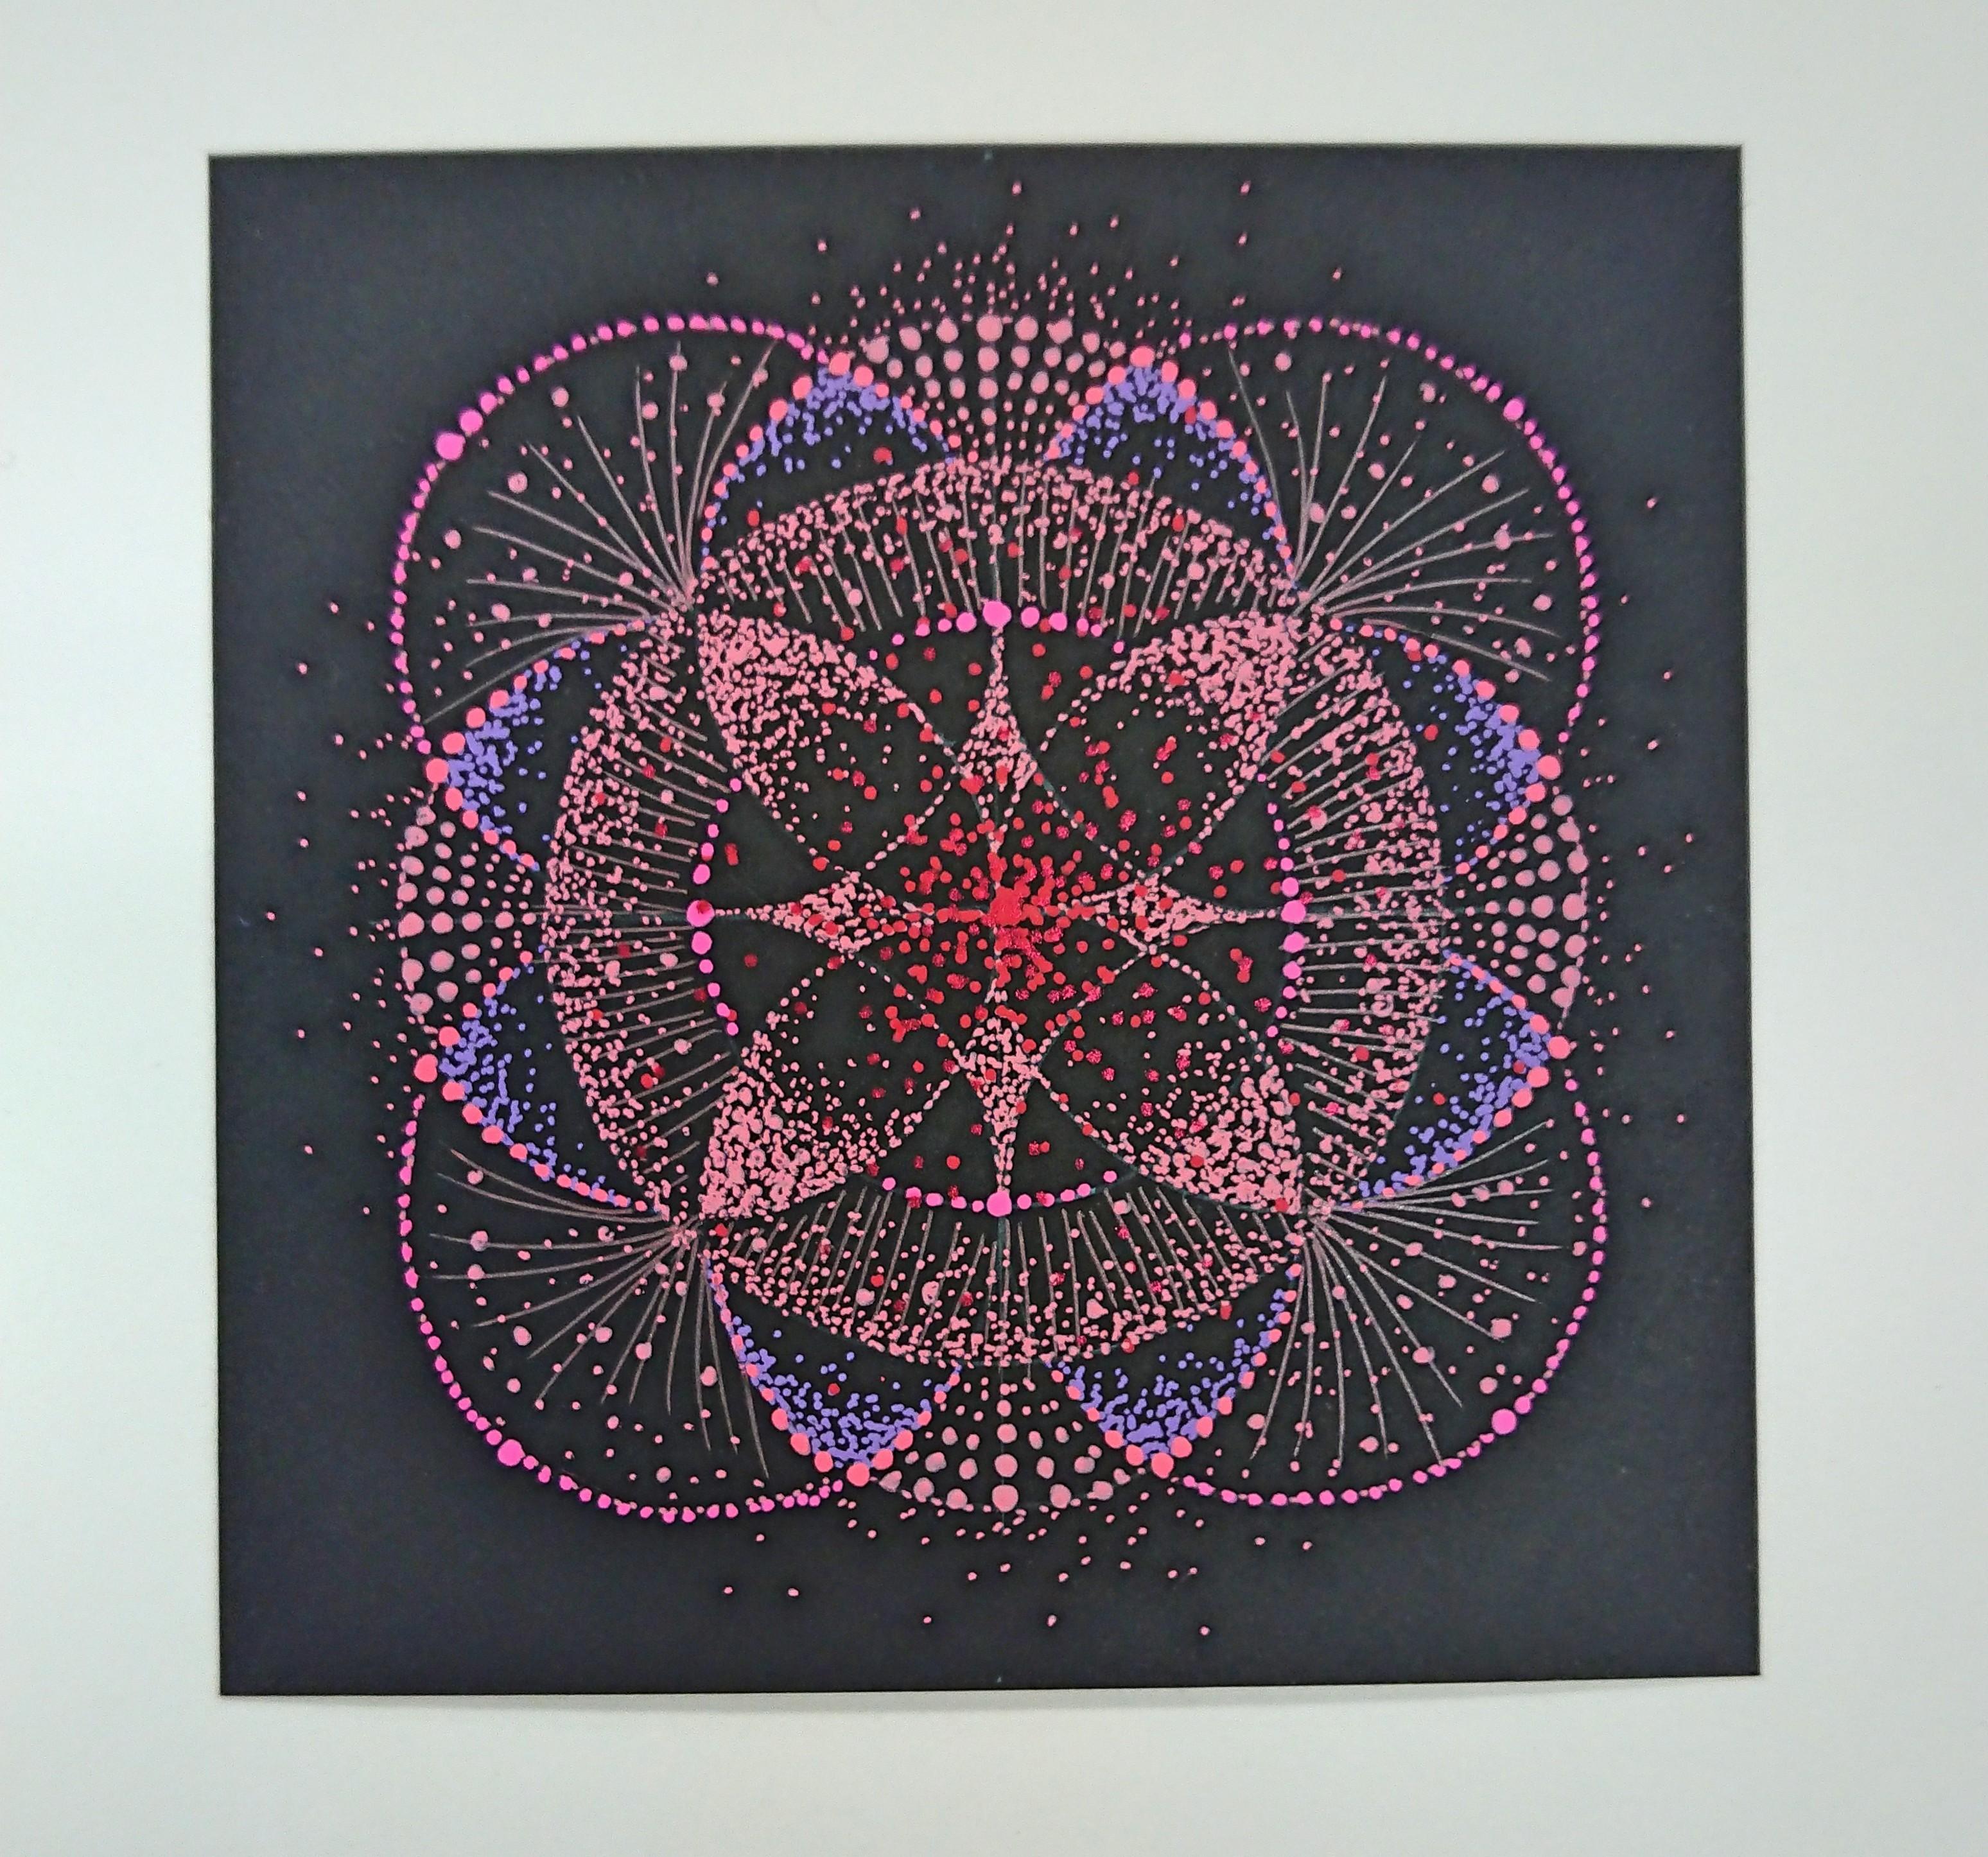 第1チャクラ瞑想をして赤の点描曼荼羅を描きました!